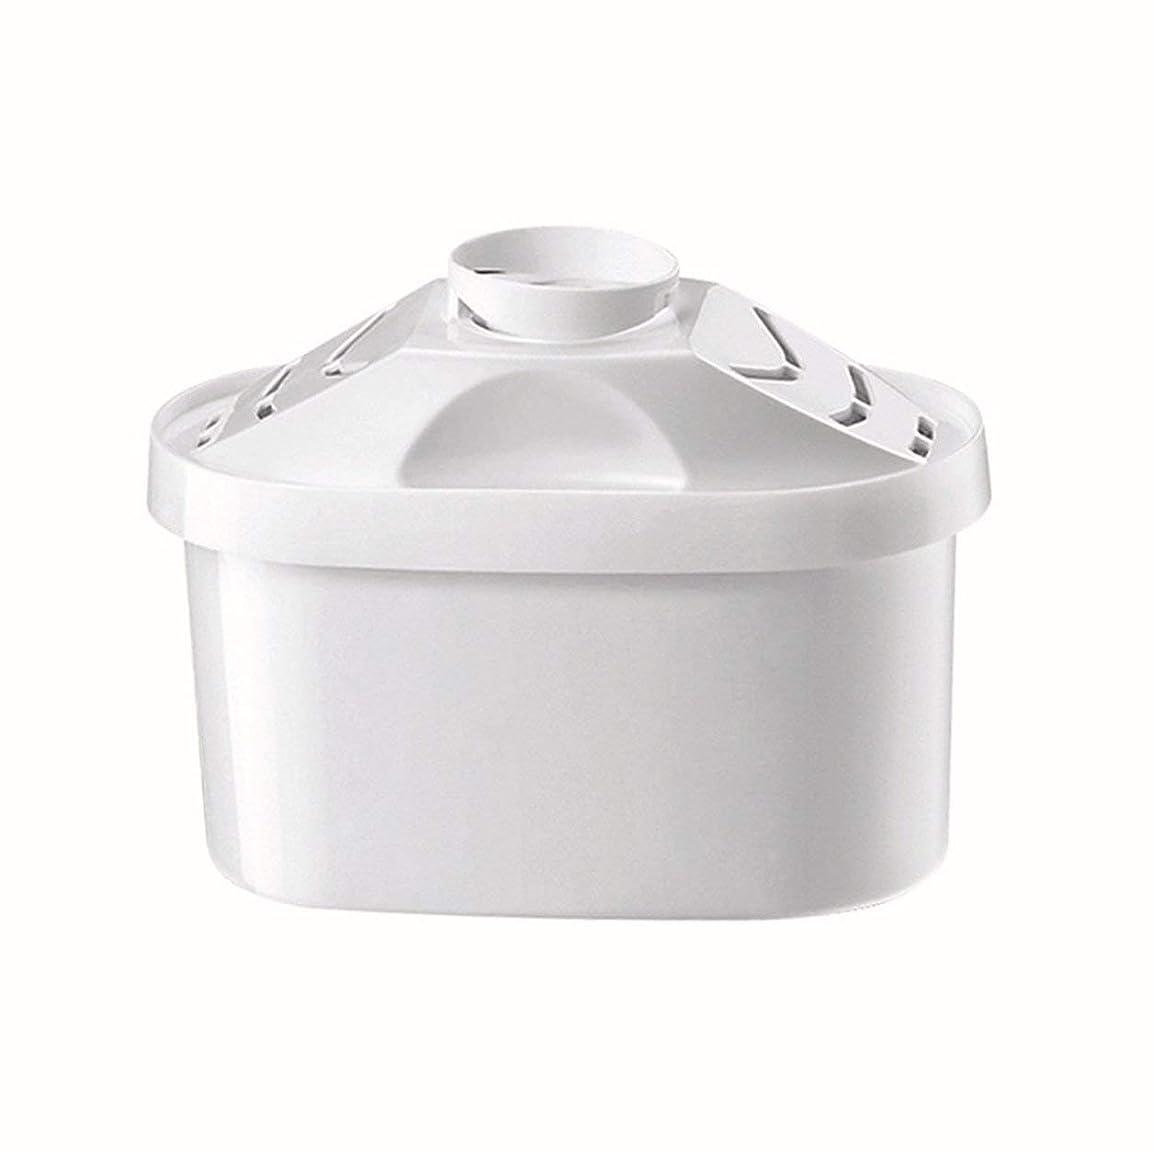 バンガロー肌延期するSaikogoods ブリタの水のピッチャーのためのケトルフィルター 活性炭 水フィルターカートリッジ 健康的なクリーンデバイスを 精製 白